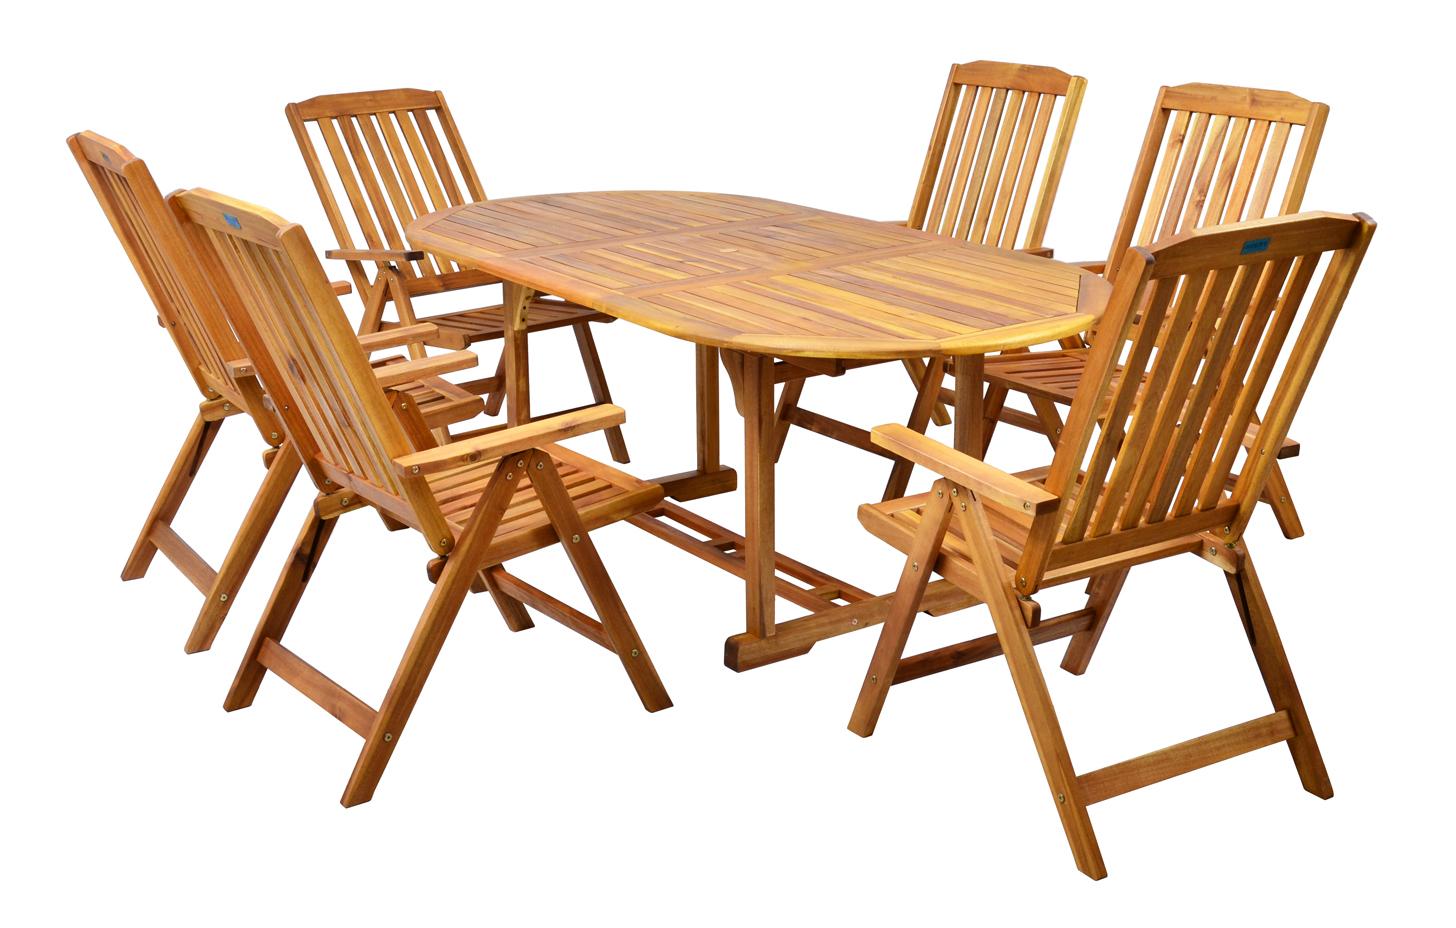 Záhradný nábytok - Hecht - Leader set 1+6 (akácia). Doprava ZDARMA. Sme autorizovaný predajca Hecht. Vlastná spoľahlivá doprava až k Vám domov.